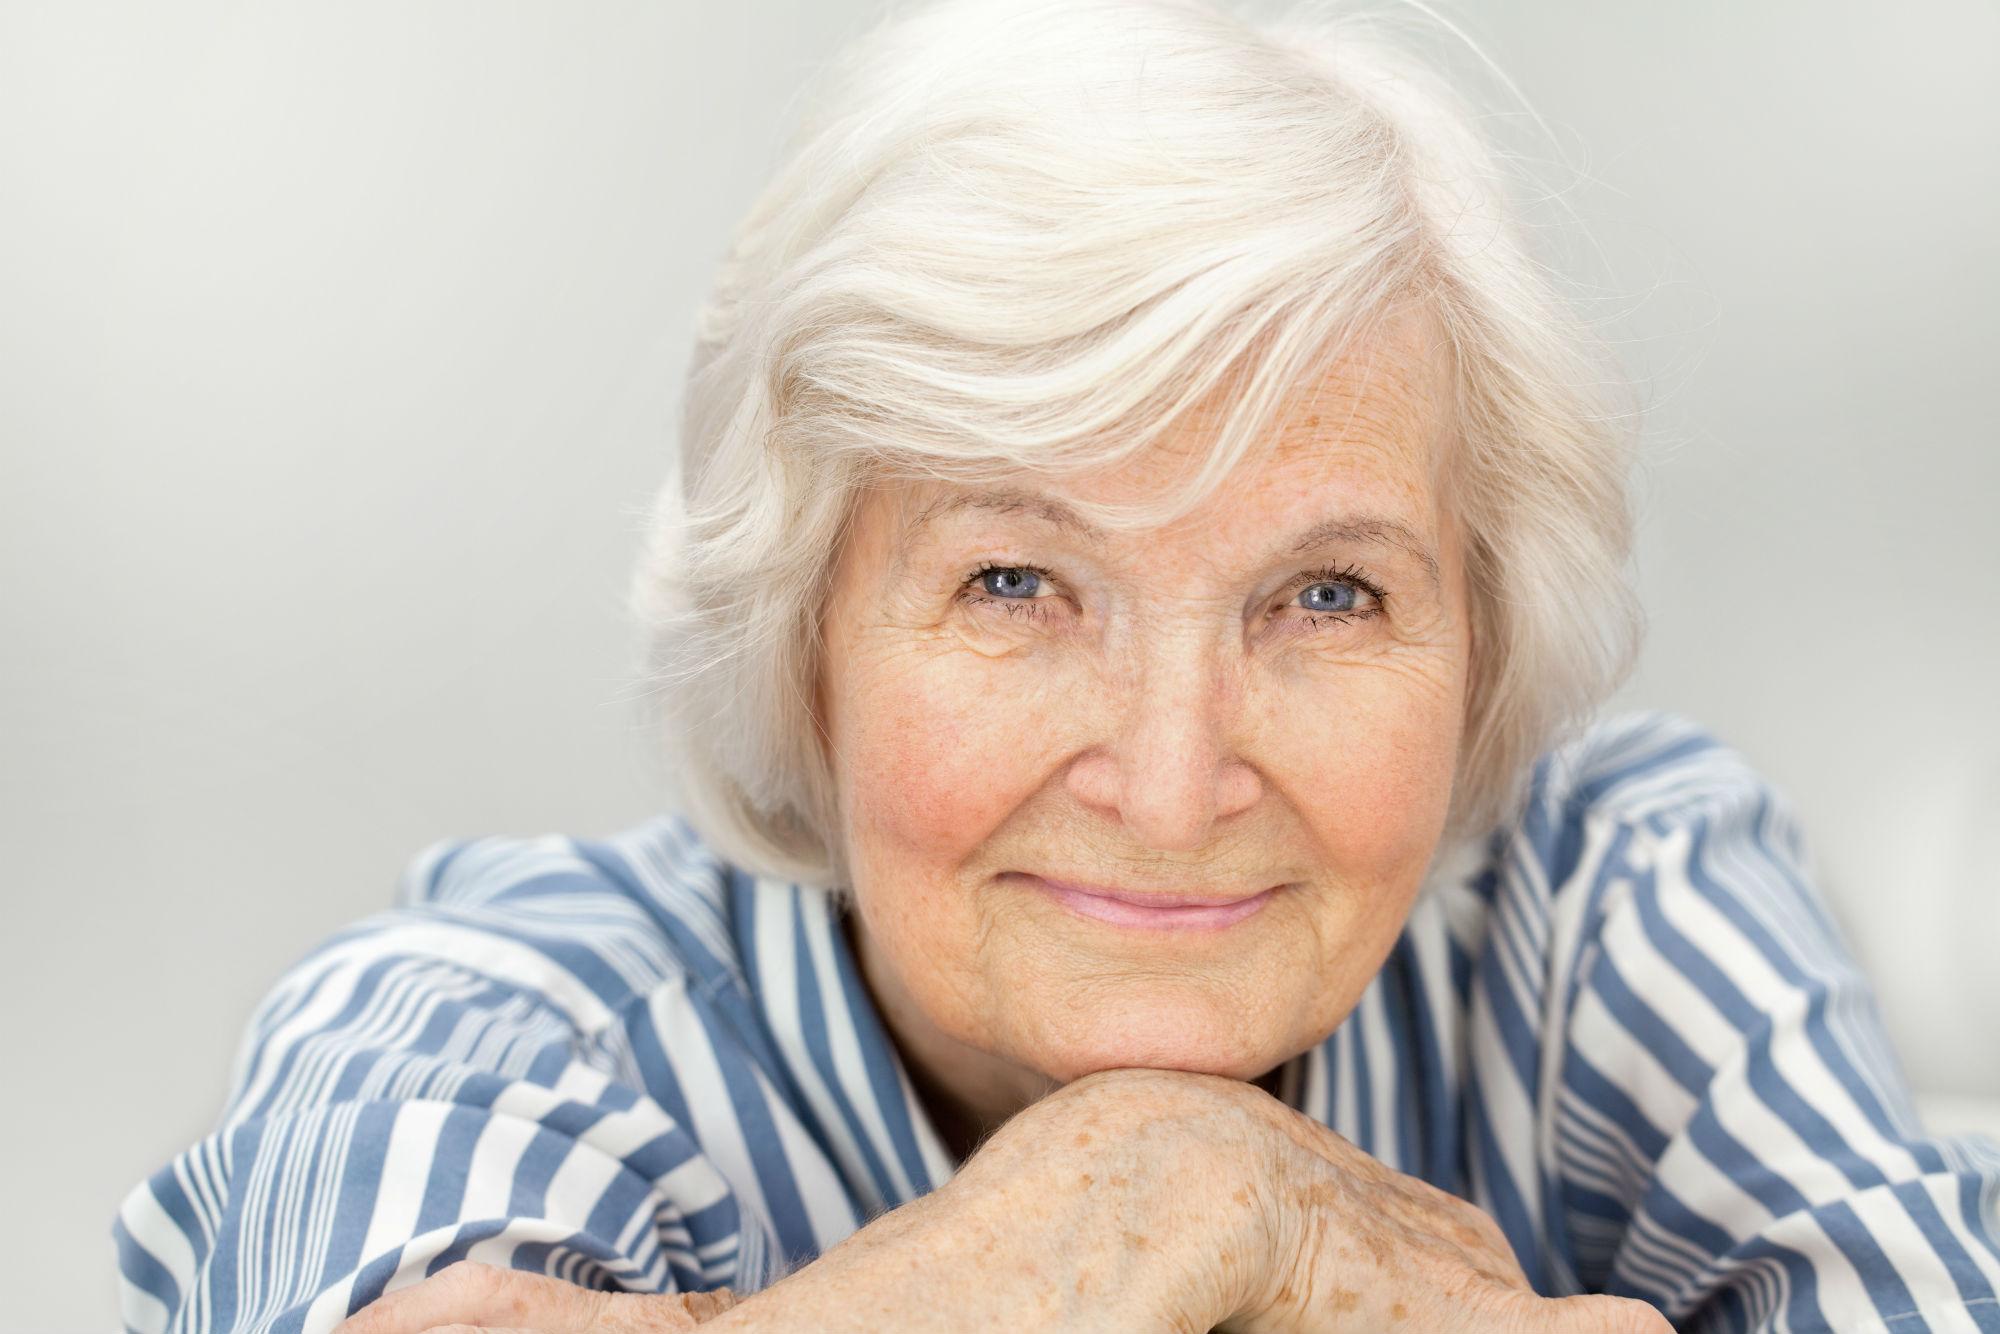 aparelhos-auditivos-reduzem-depressao-idosas